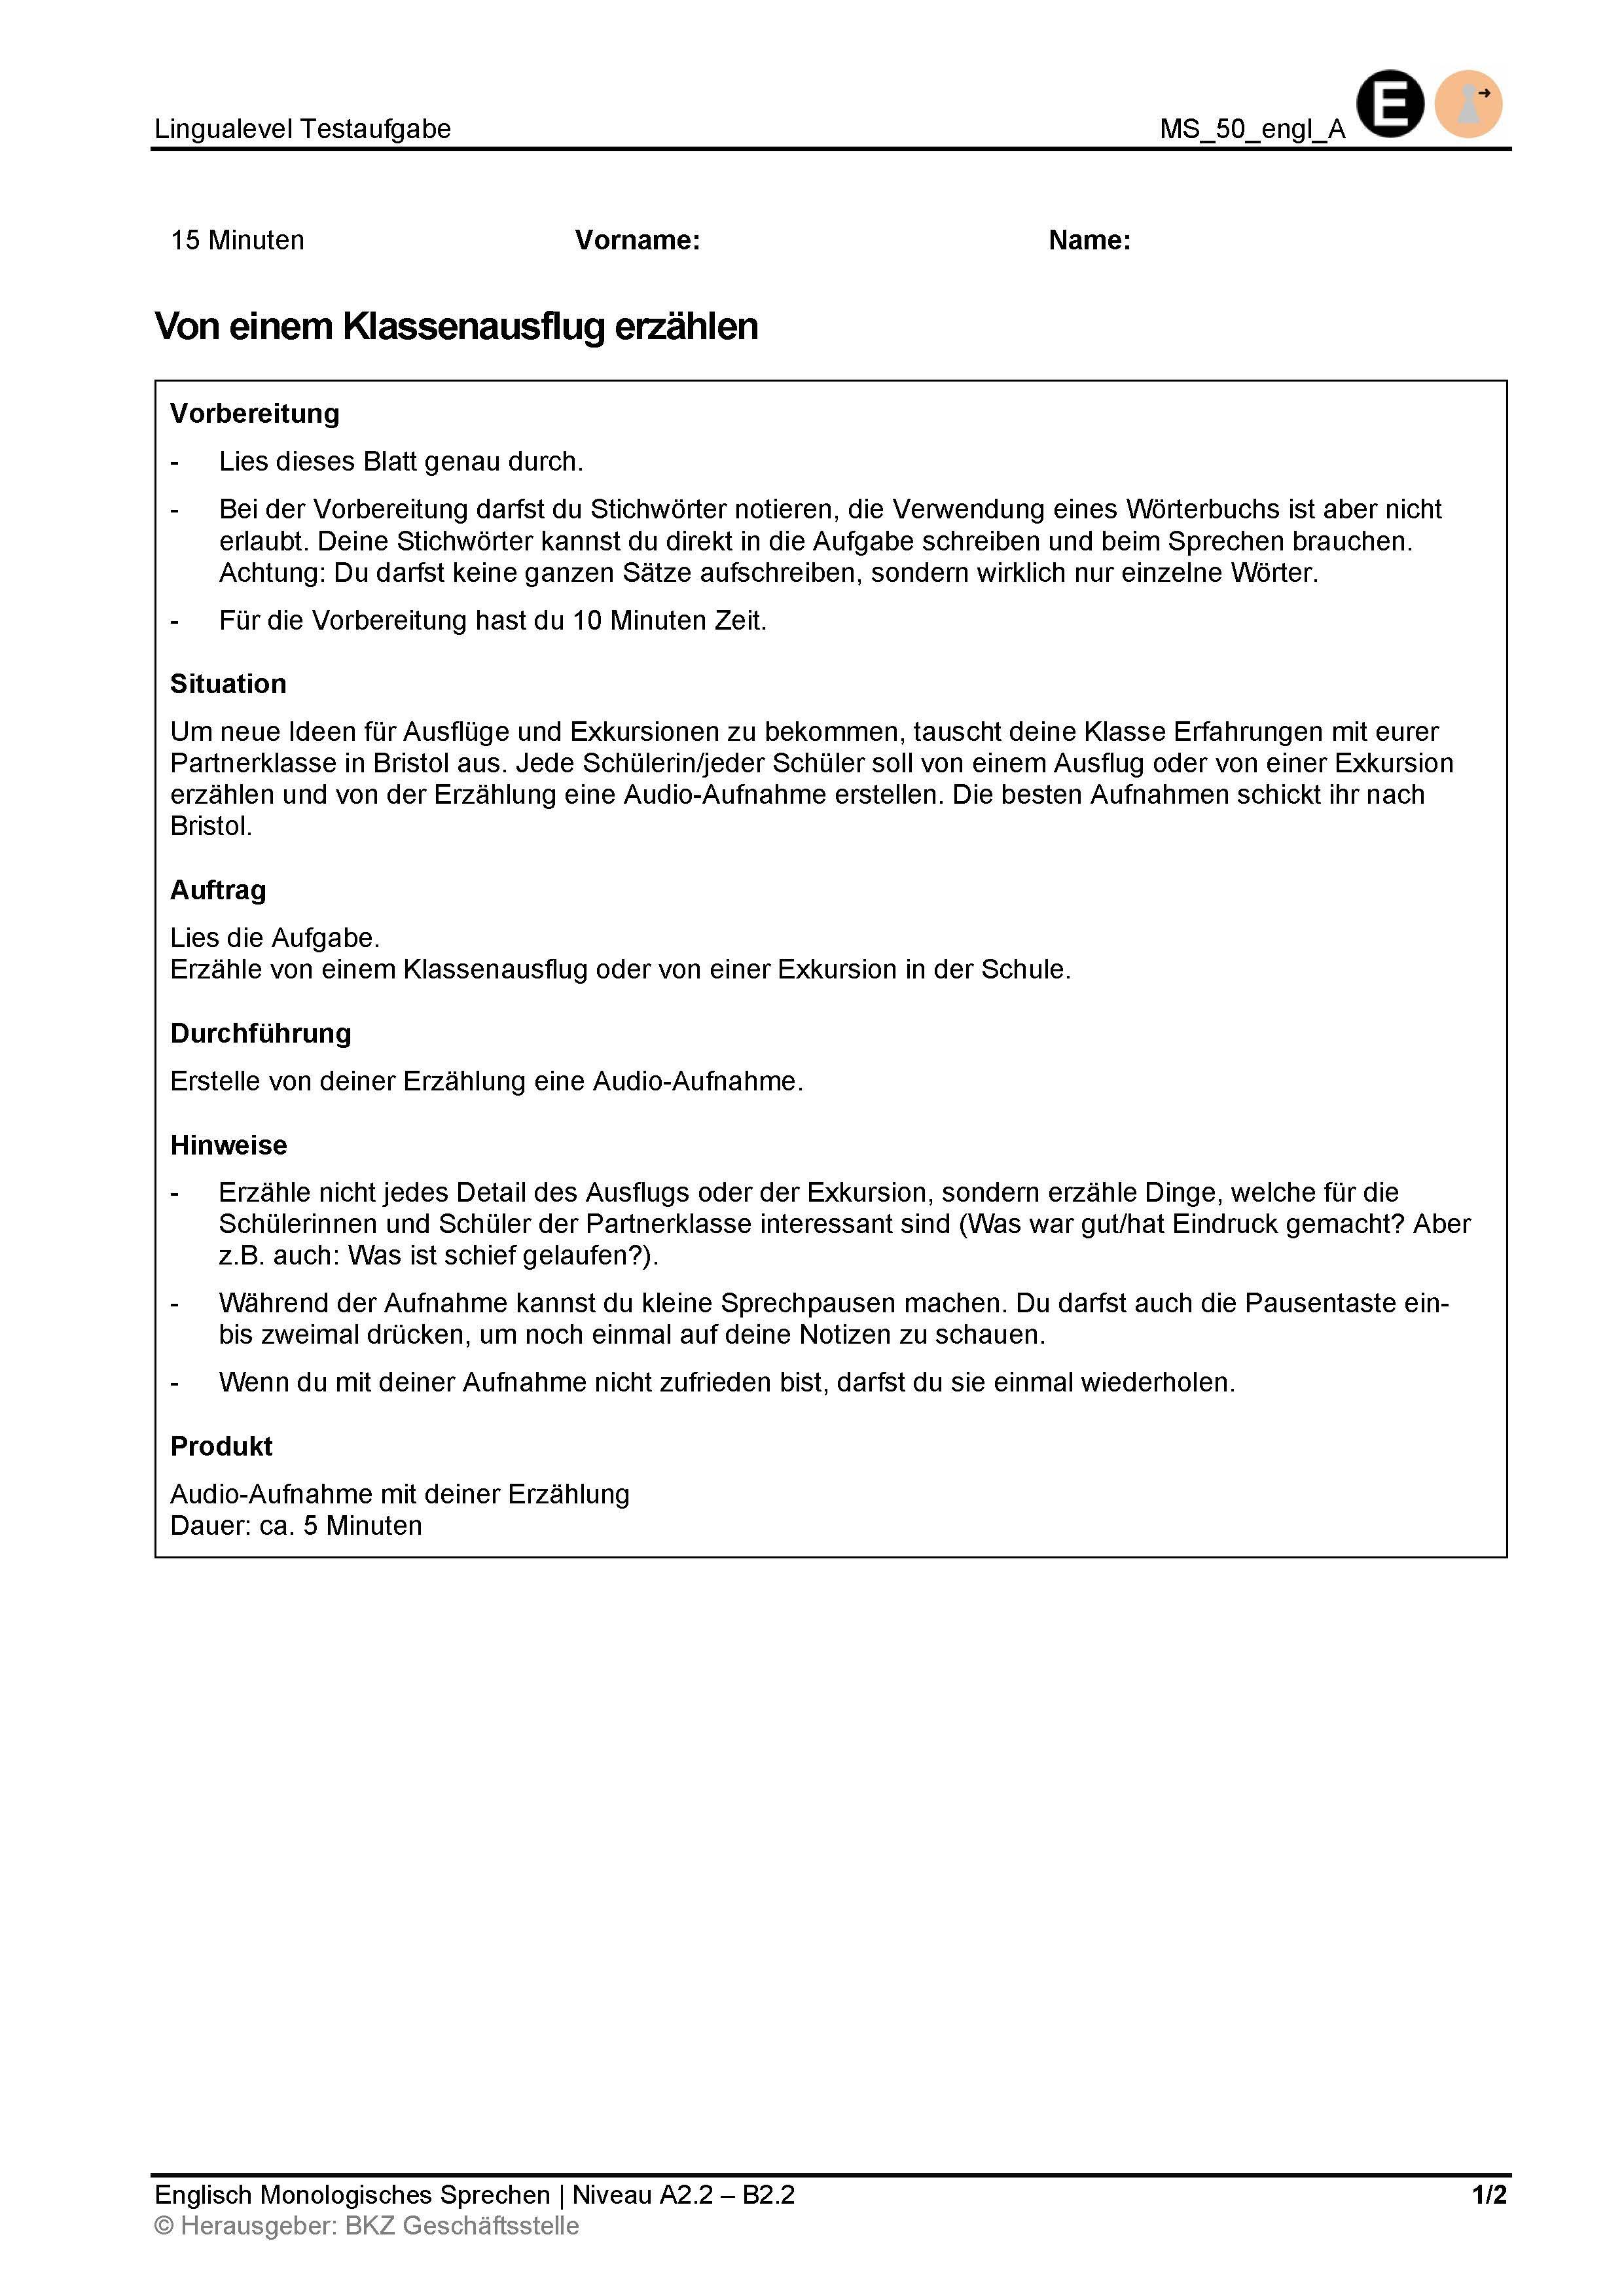 Preview image for LOM object Monologisches Sprechen: Von einem Klassenausflug erzählen